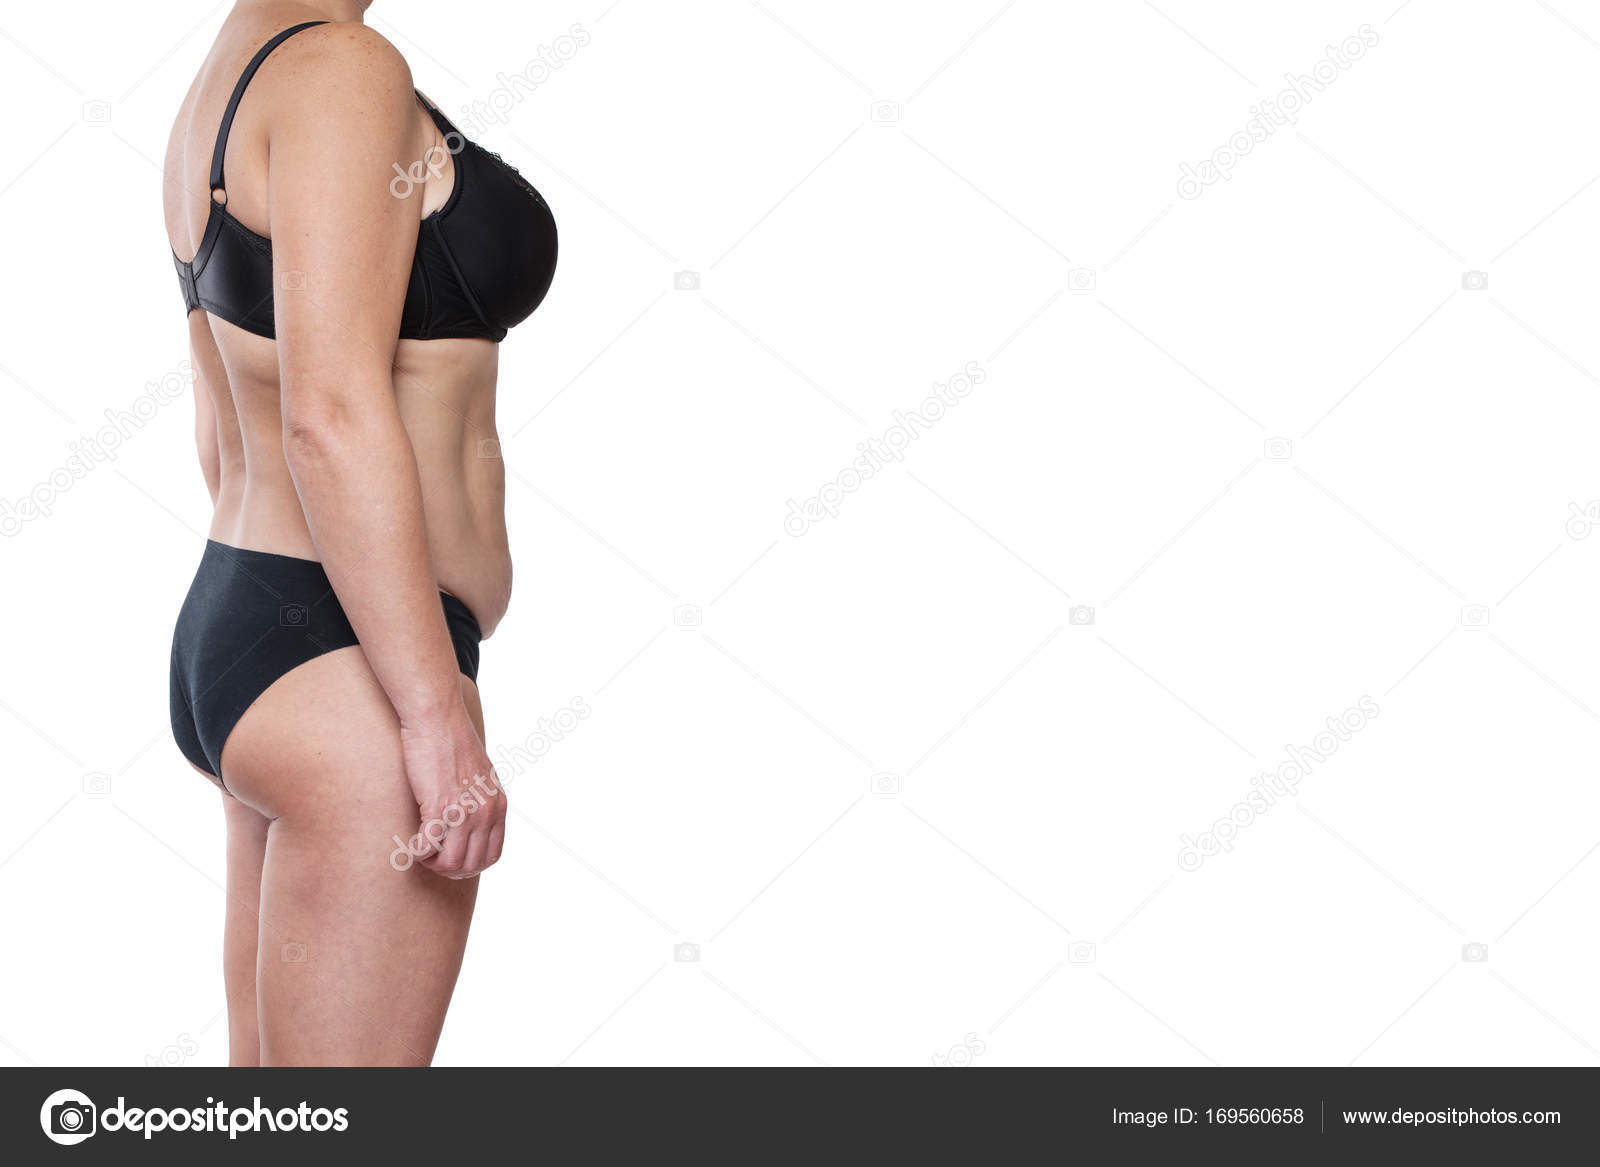 Gordito cuerpo femenino en ropa interior — Foto de stock © luzgareva ...